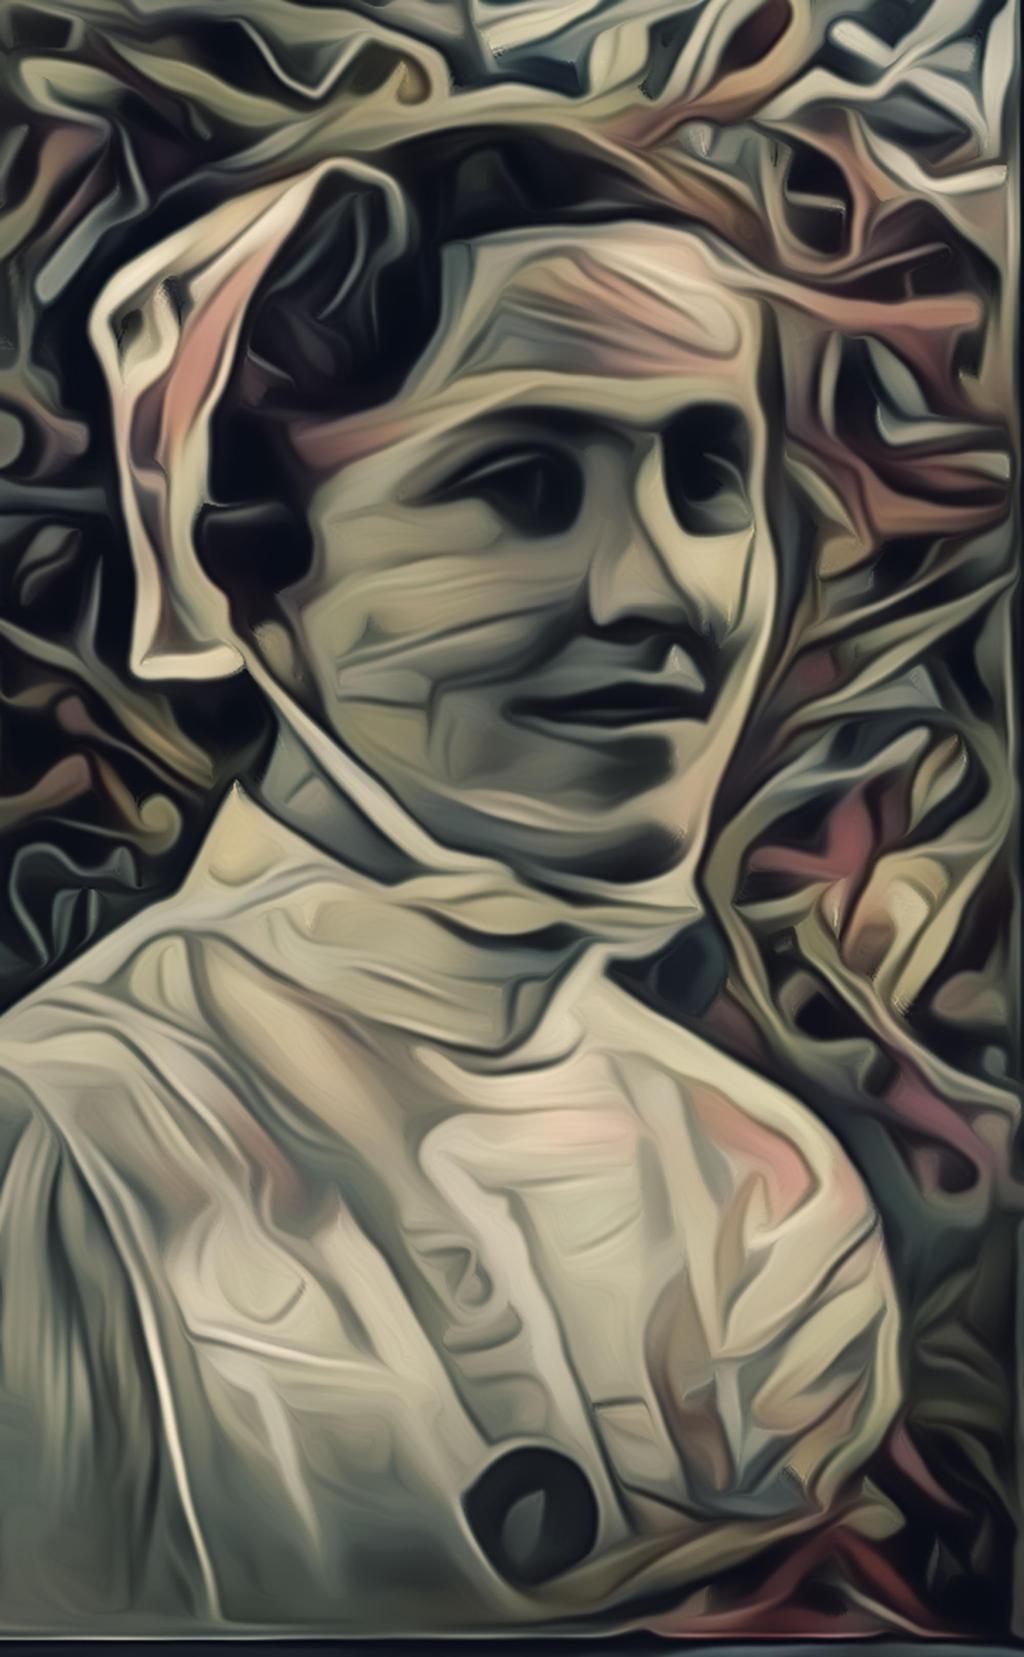 vintage-nurse by DonkehSalad23